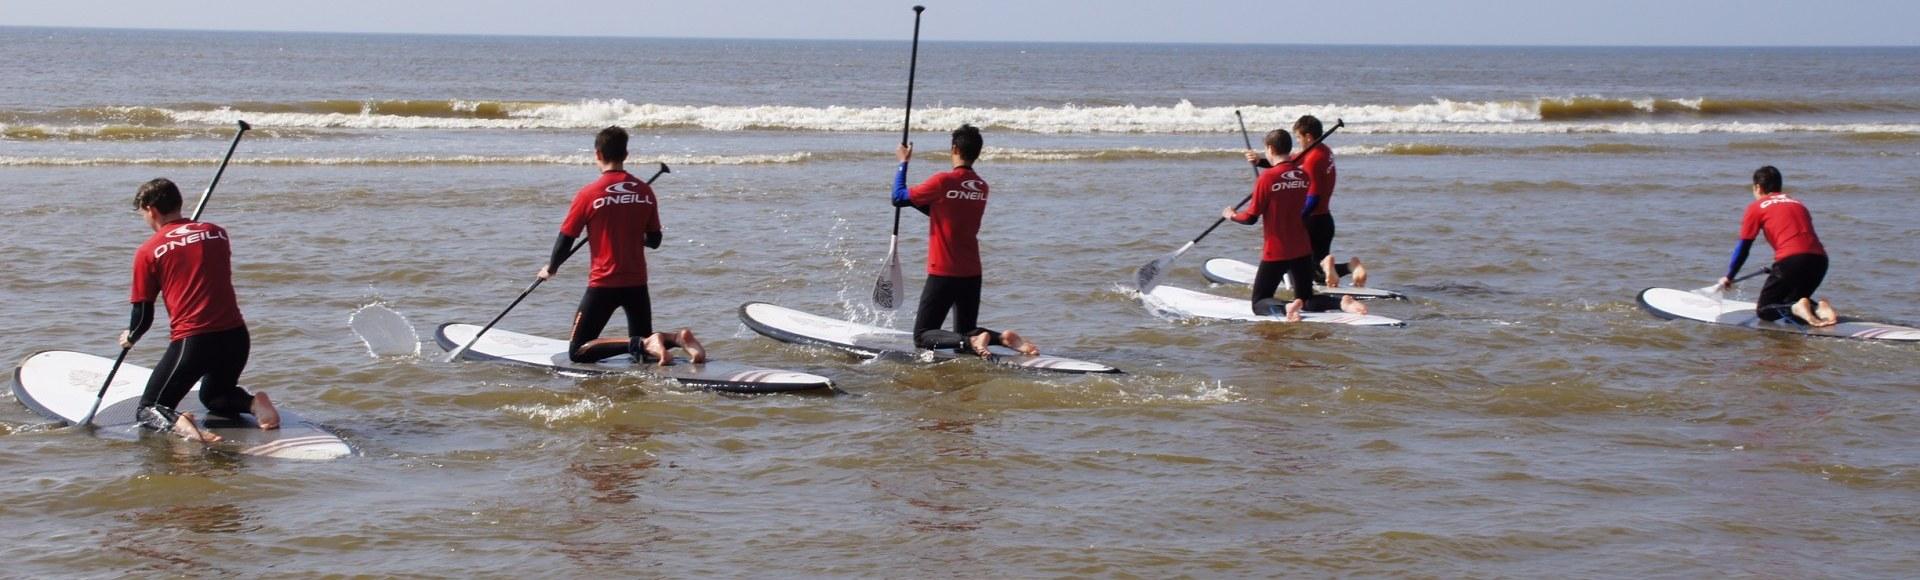 Supboard huren Bloemendaal